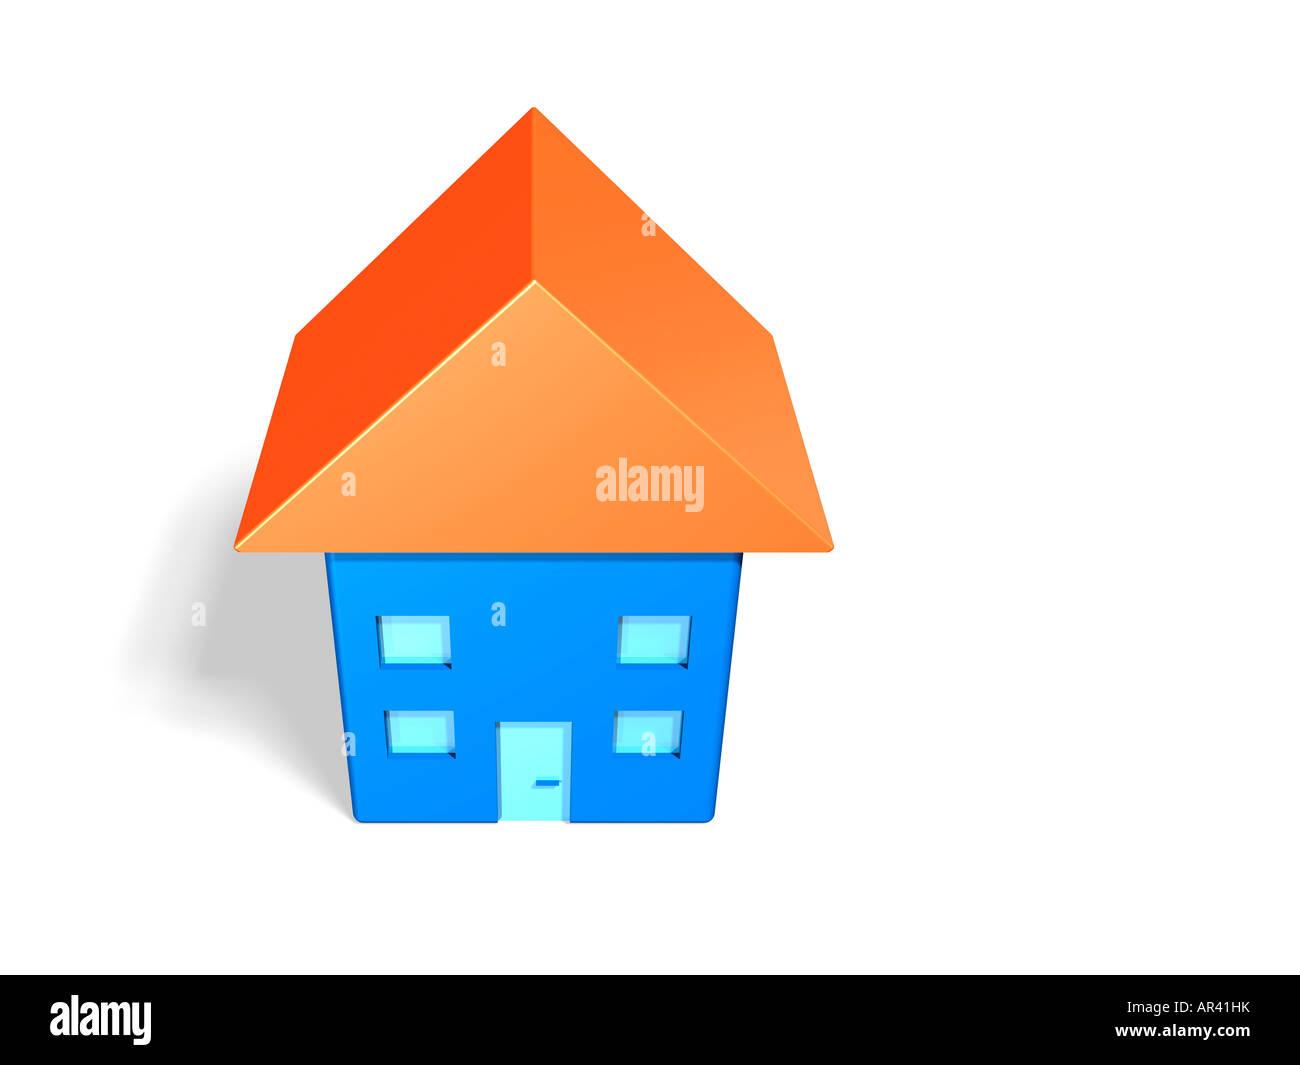 Ein blaues Haus mit orange Dach Modell (3d Illustration). Stockbild